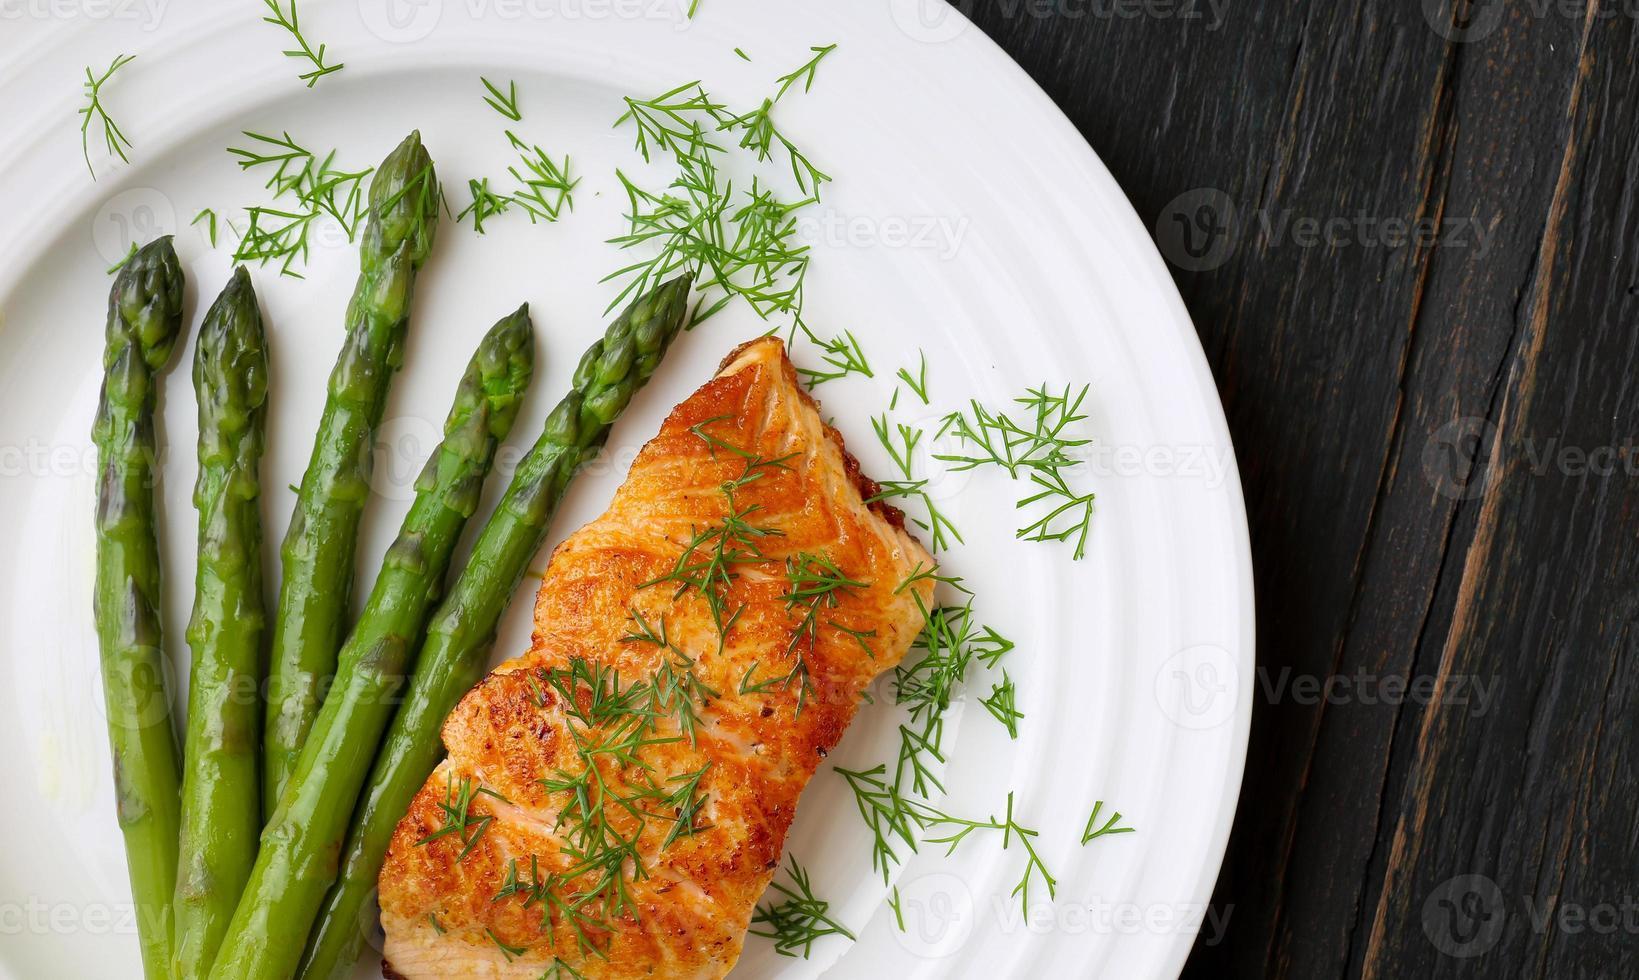 filetto di salmone con asparagi sul piatto bianco foto